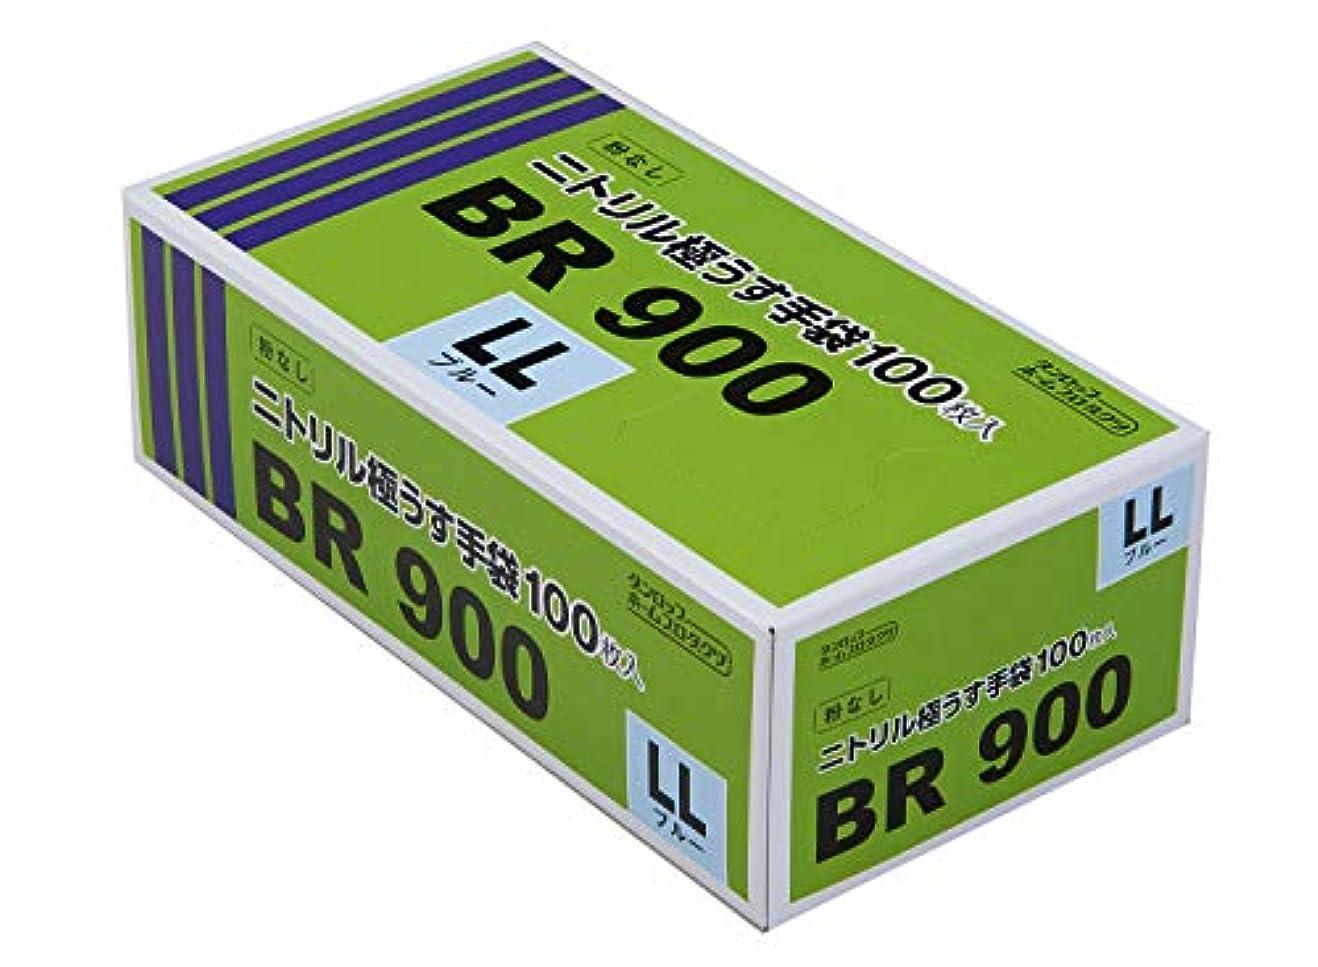 人気のクリエイティブ電球ダンロップ ホームプロダクツ ゴム手袋 ニトリル 極薄 パウダーフリー ブルー LL 破れにくい BR 900 100枚入